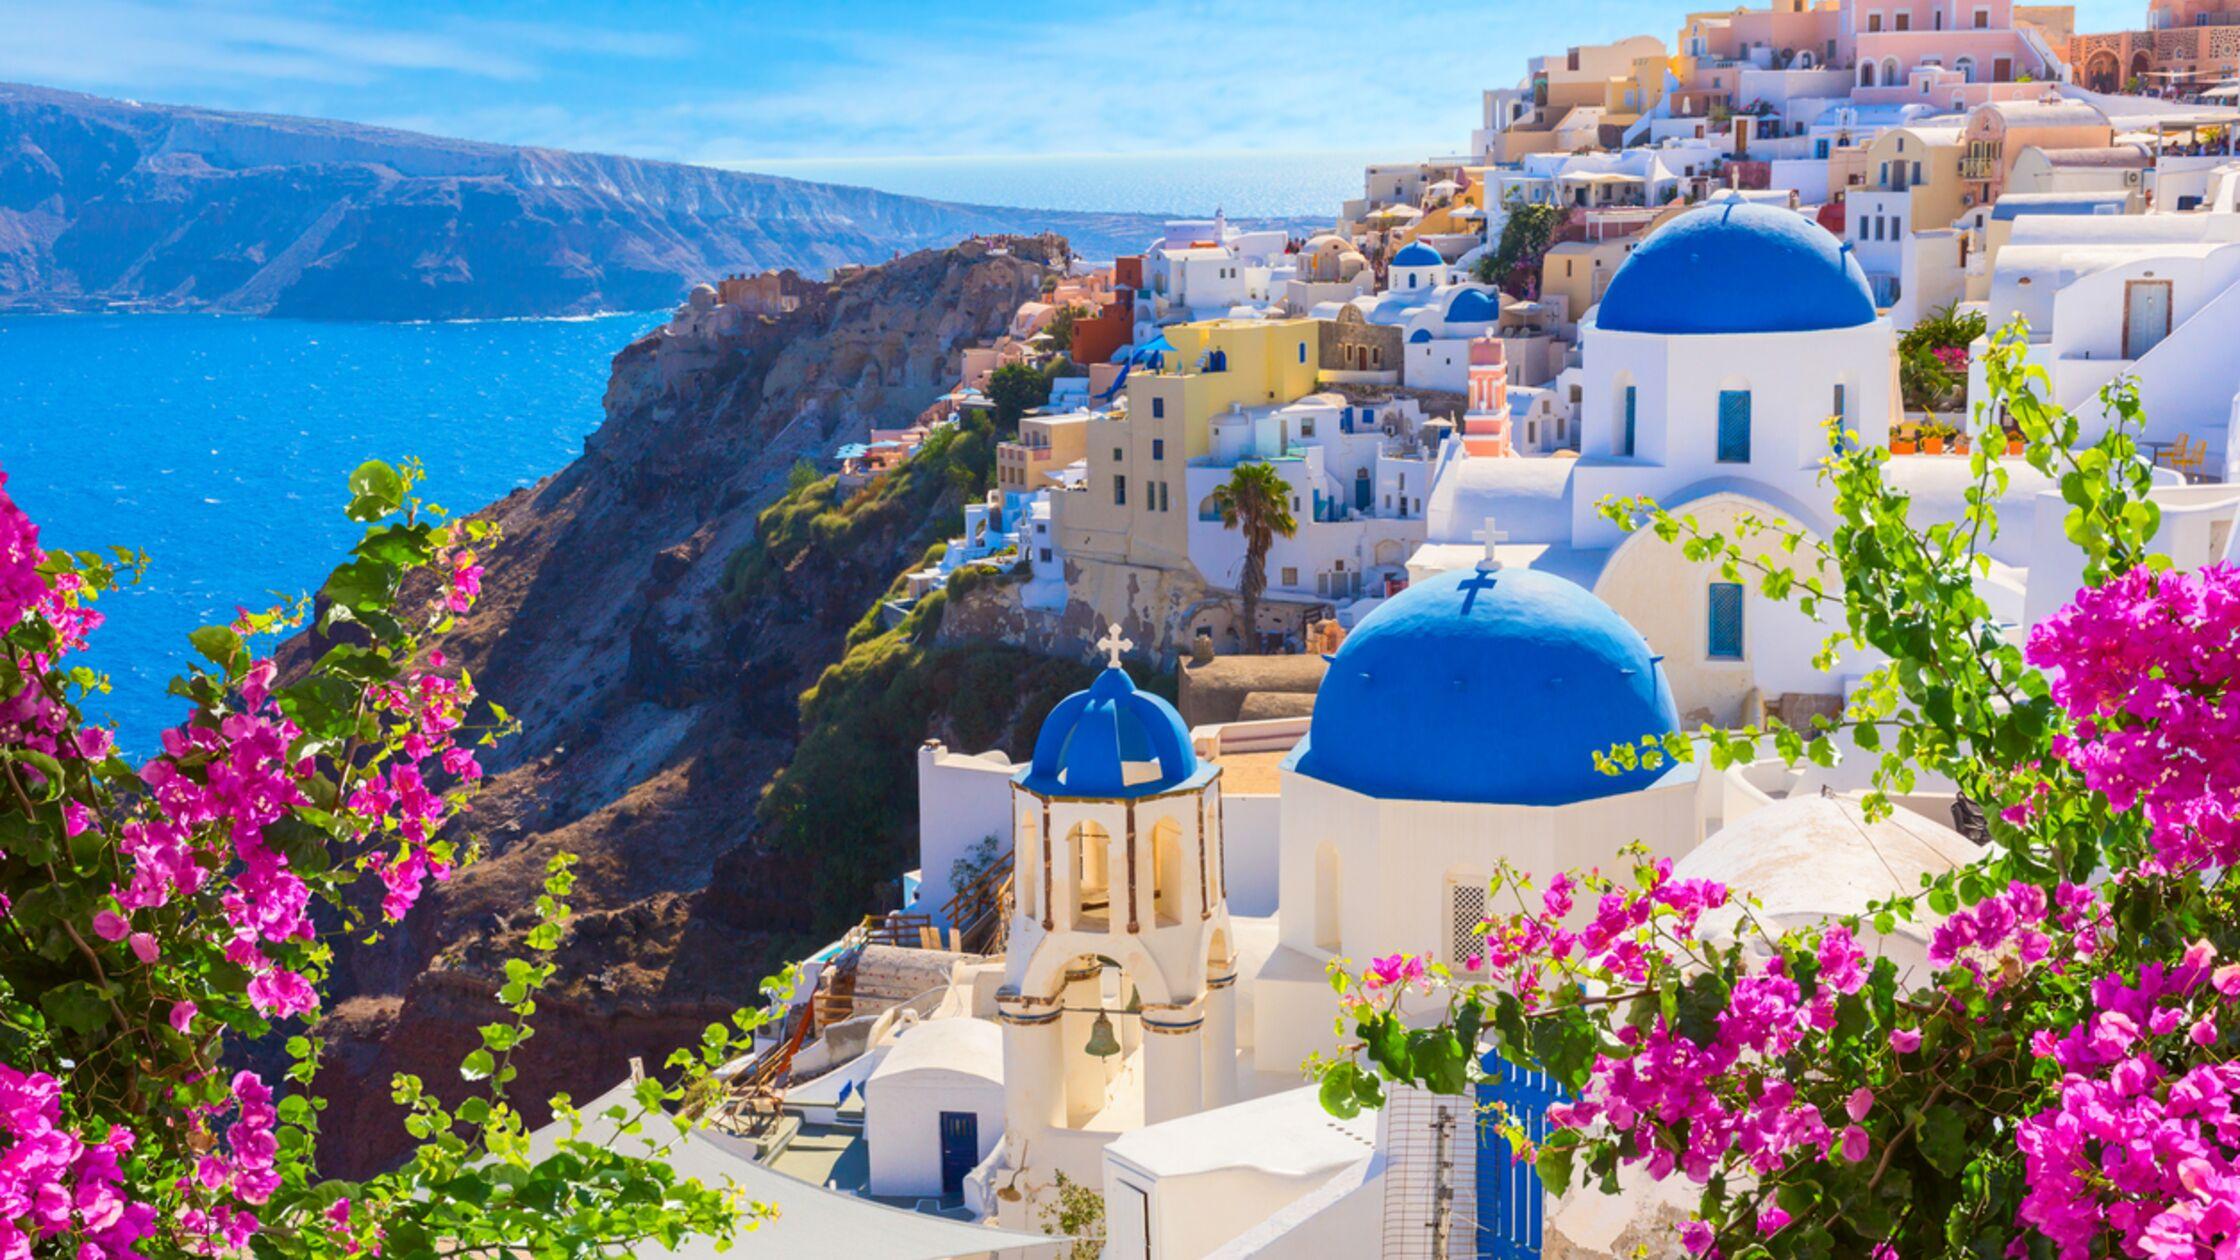 Auswandern nach Griechenland: Alles, was Sie vorher wissen sollten